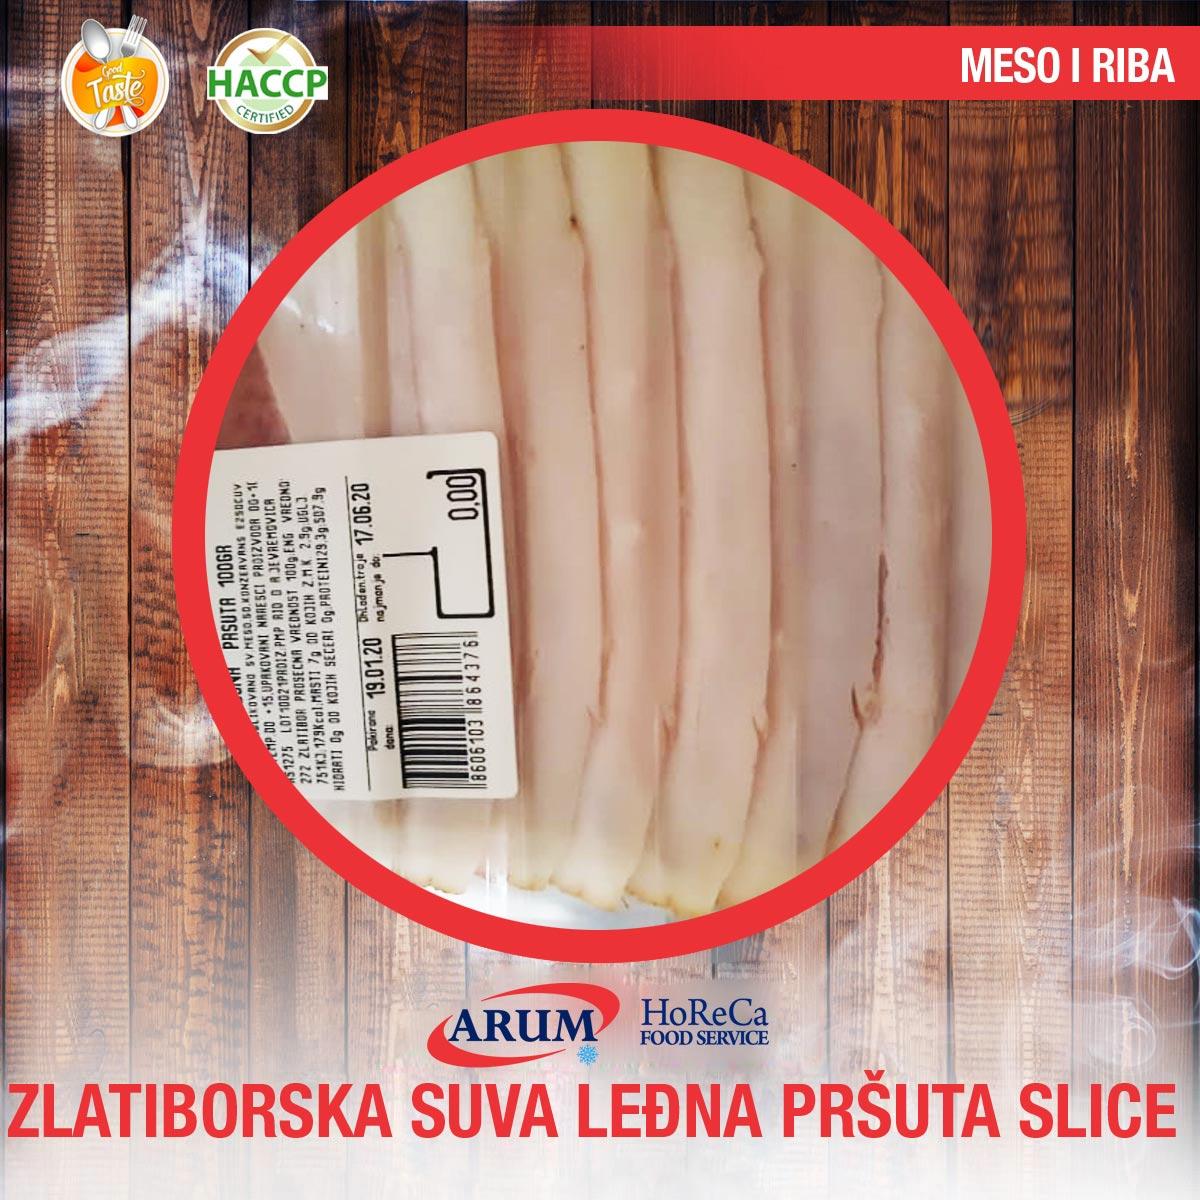 ZLATIBORSKA SUVA LEDJNA PRSUTA SLICE 100gr